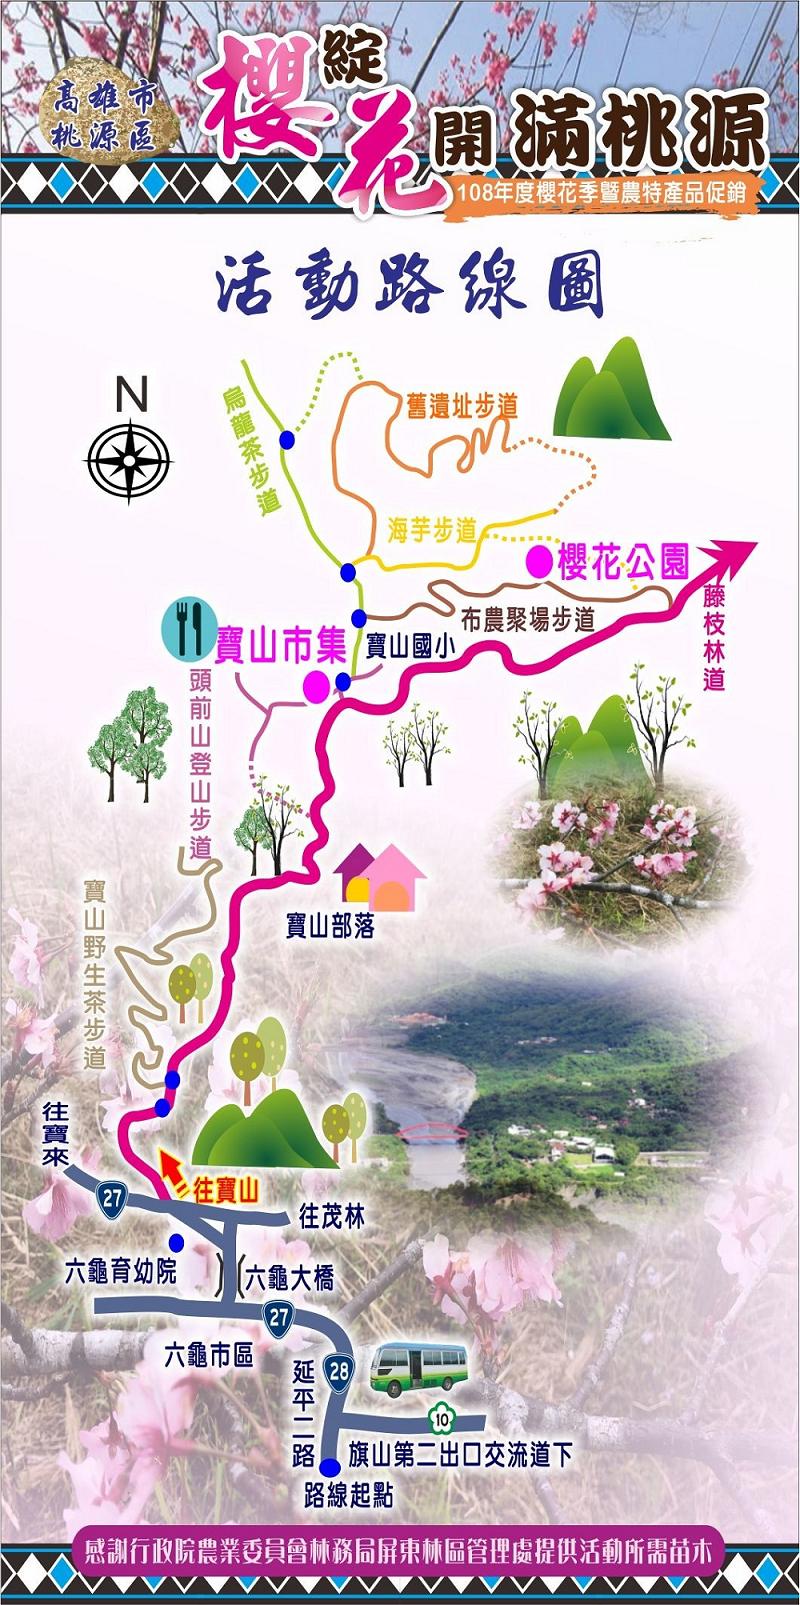 (圖片來源:高雄市桃源區公所)